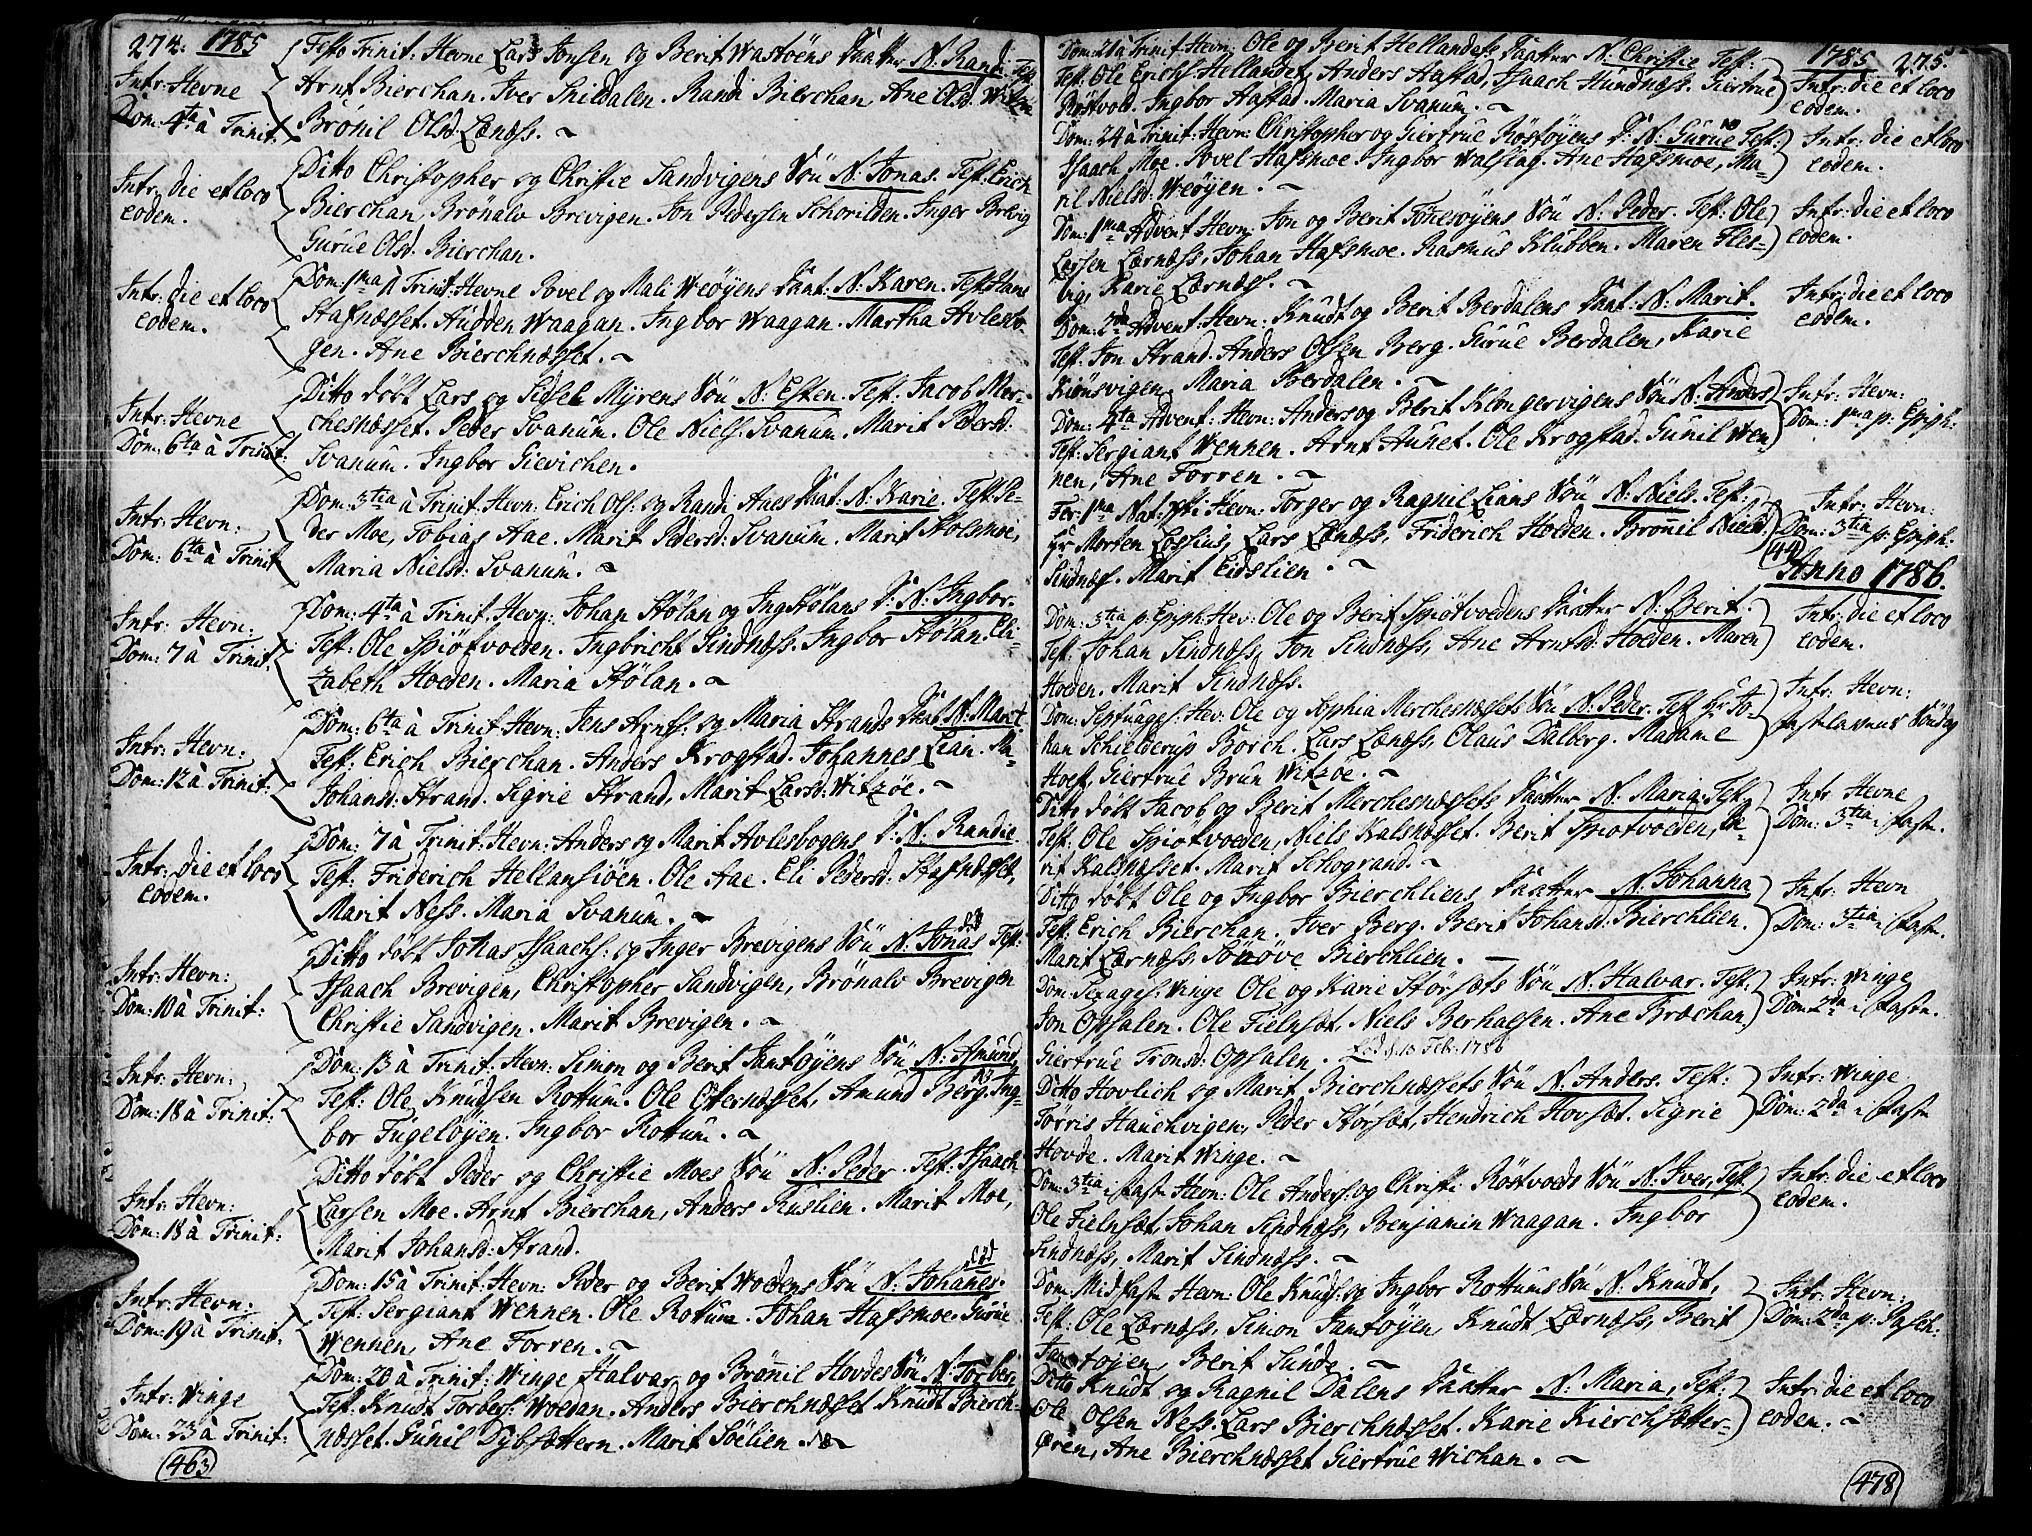 SAT, Ministerialprotokoller, klokkerbøker og fødselsregistre - Sør-Trøndelag, 630/L0489: Ministerialbok nr. 630A02, 1757-1794, s. 274-275